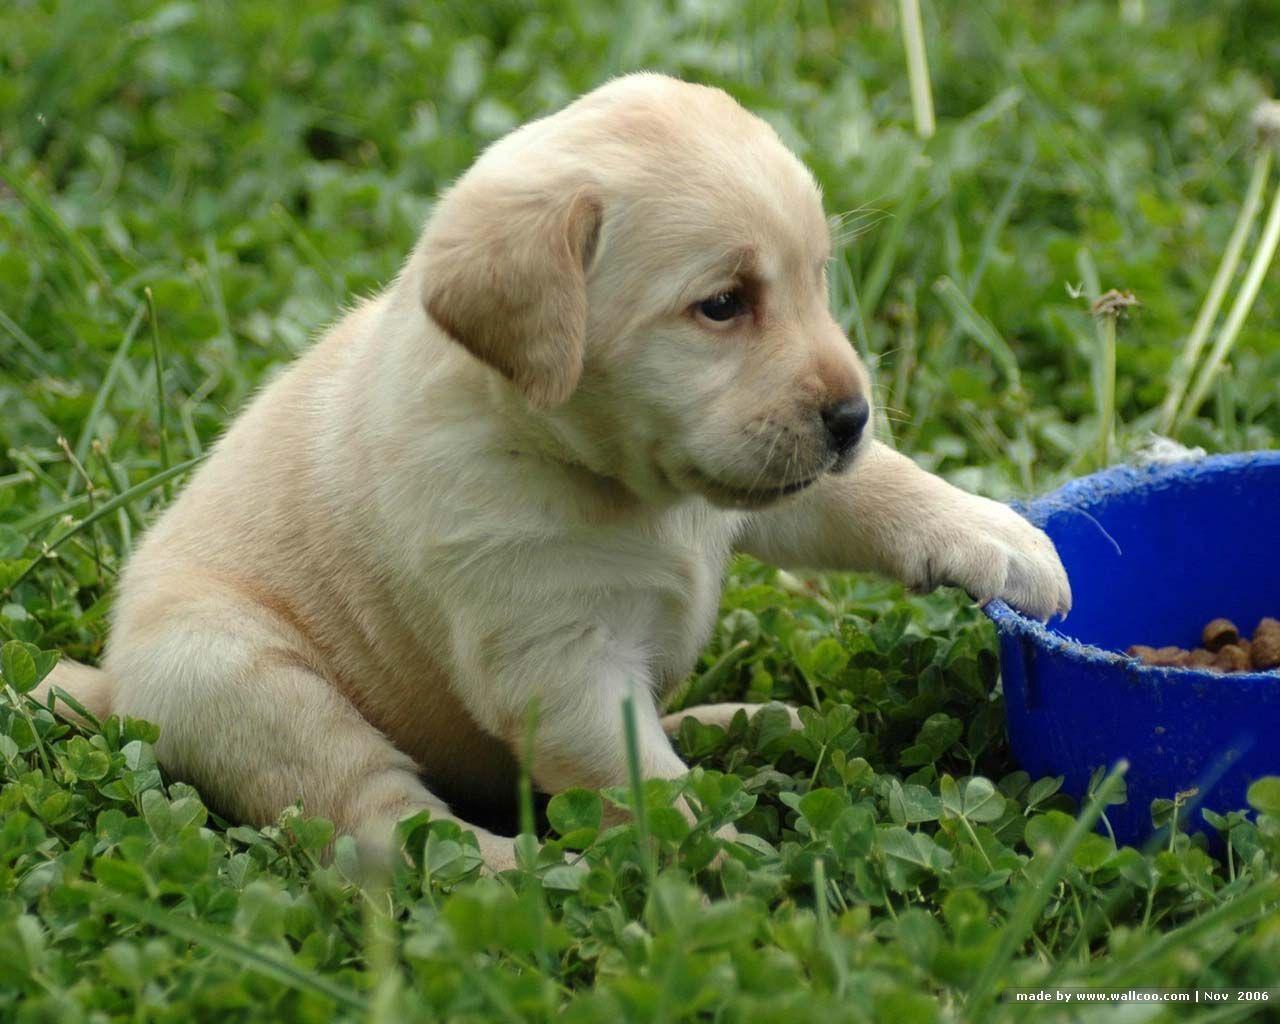 Cool Golden Retriever Chubby Adorable Dog - bcfe74f9eaace3a229d64cd3ca319ea8  HD_249943  .jpg